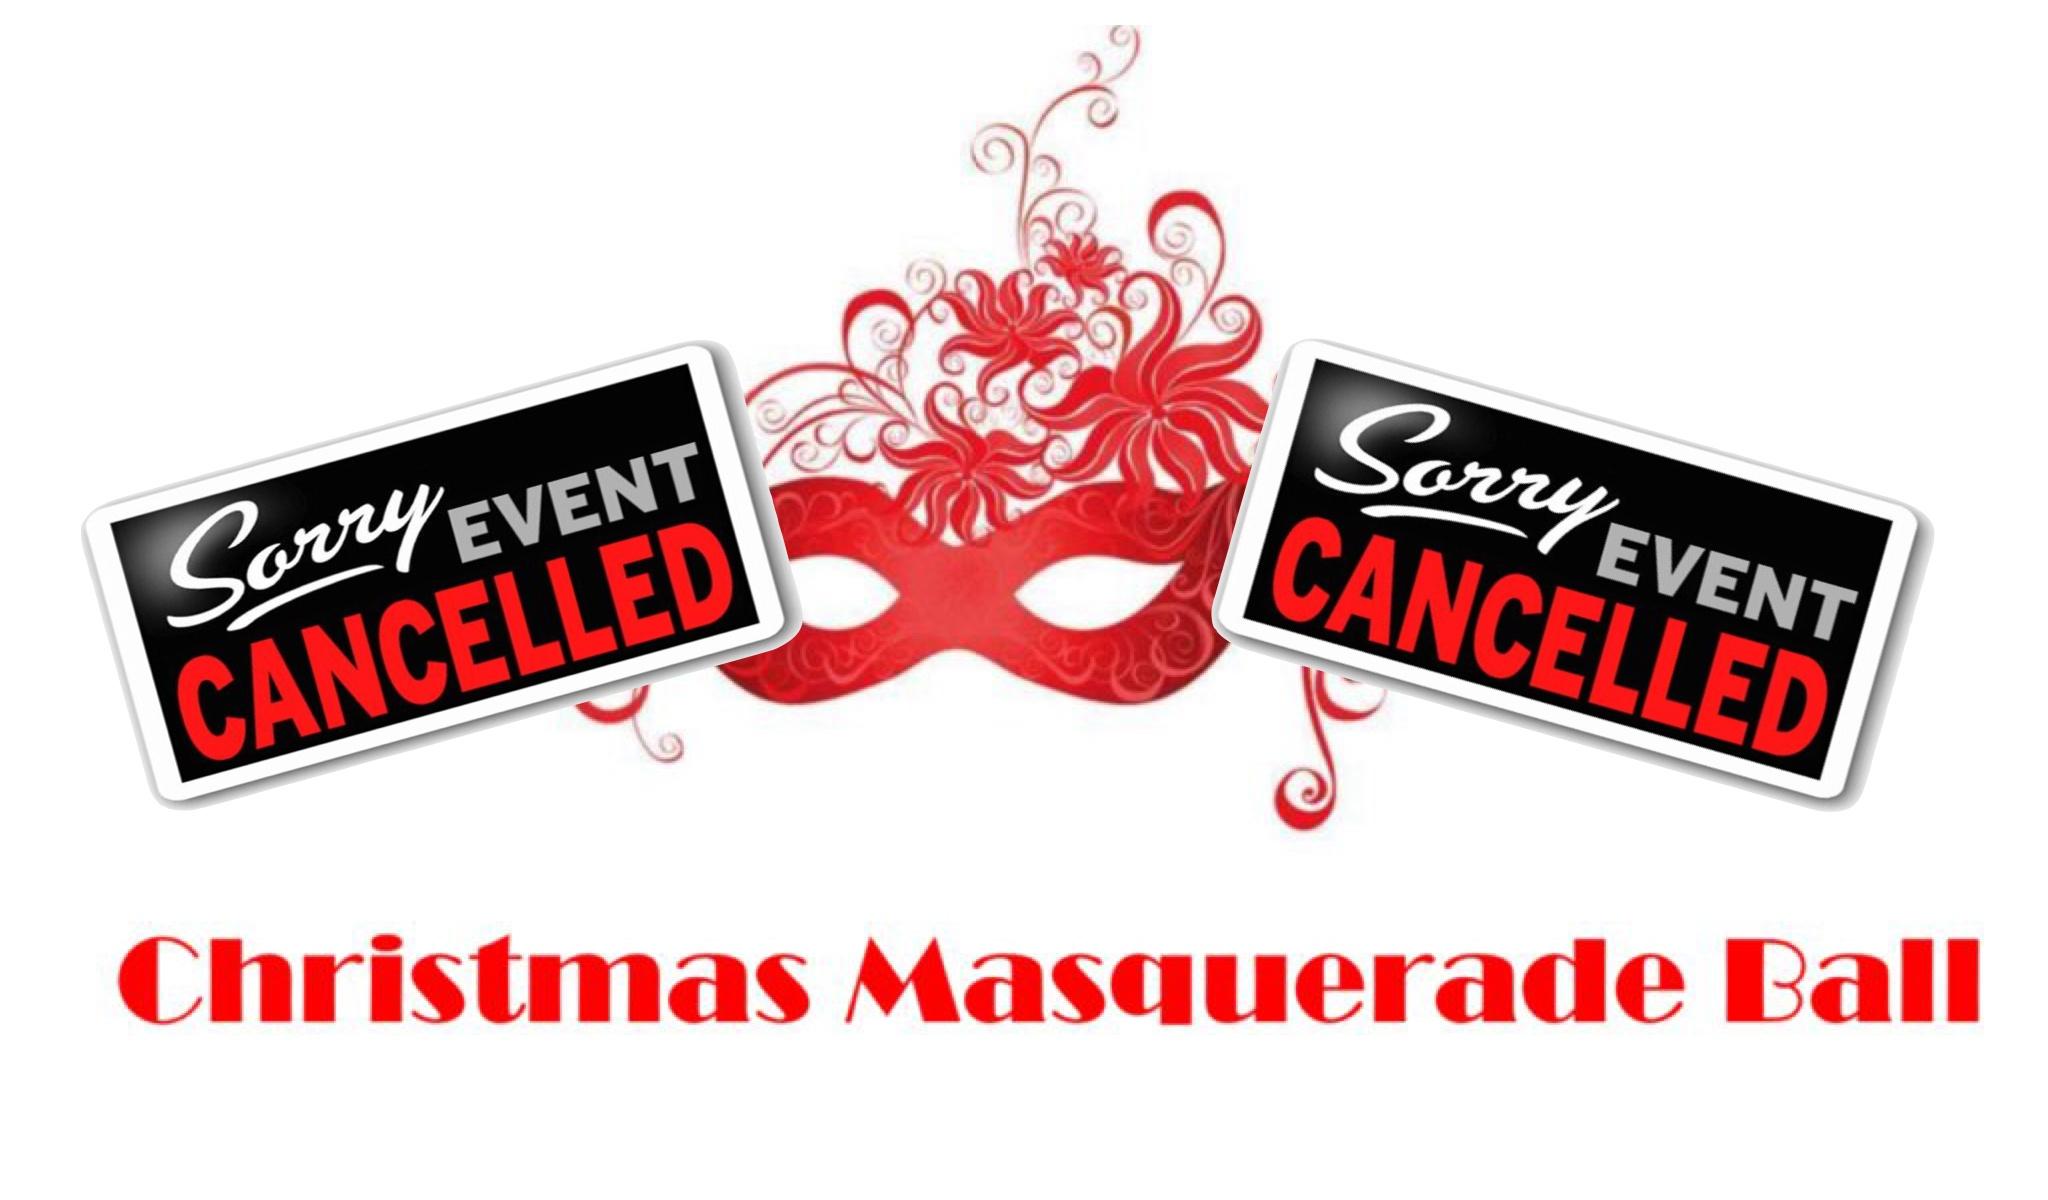 Christmas Masquerade Ball Cancelled